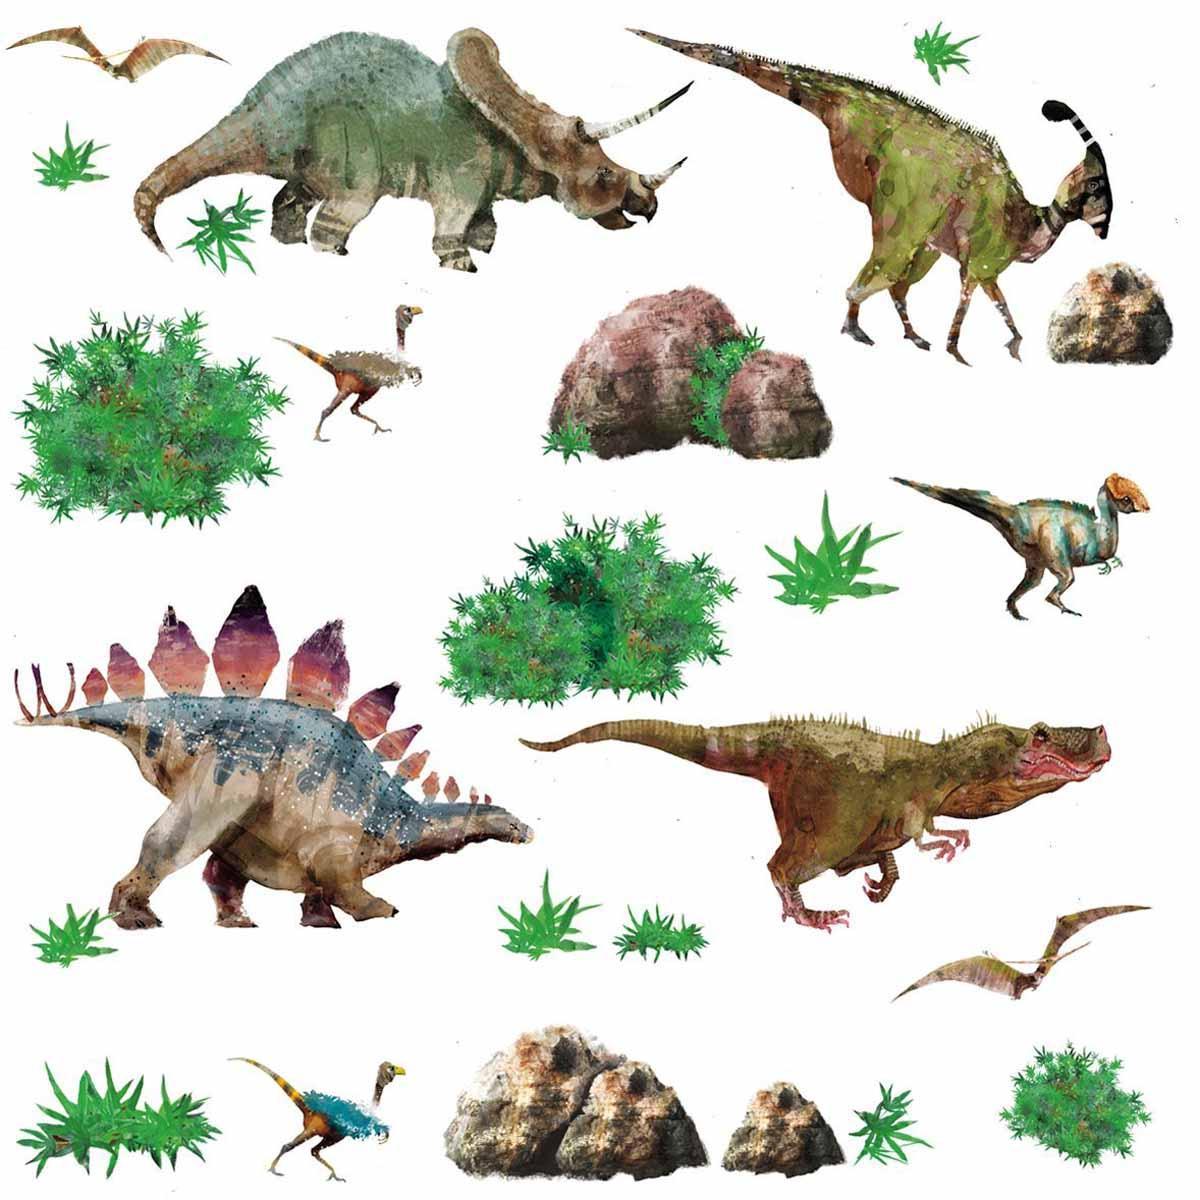 RoomMates Наклейки для декора Динозавры67255-2Наклейки для декора Динозавры от знаменитого производителя RoomMates станут украшением вашей квартиры! Новый увлекательный набор наклеек для декора приведет в восторг маленьких любителей палеонтологии! Наклейки, входящие в набор, содержат изображения различных динозавров, а также растений, окружающих их. Всего в наборе 25 стикеров. Наклейки не нужно вырезать - их следует просто отсоединить от защитного слоя и поместить на стену или любую другую плоскую гладкую поверхность. Наклейки многоразовые: их легко переклеивать и снимать со стены, они не оставляют липких следов на поверхности. В каждой индивидуальной упаковке вы можете найти 4 листа с различными наклейками! Таким образом, покупая наклейки фирмы RoomMates, вы получаете гораздо больший ассортимент наклеек, имея возможность украсить ими различные поверхности в доме.